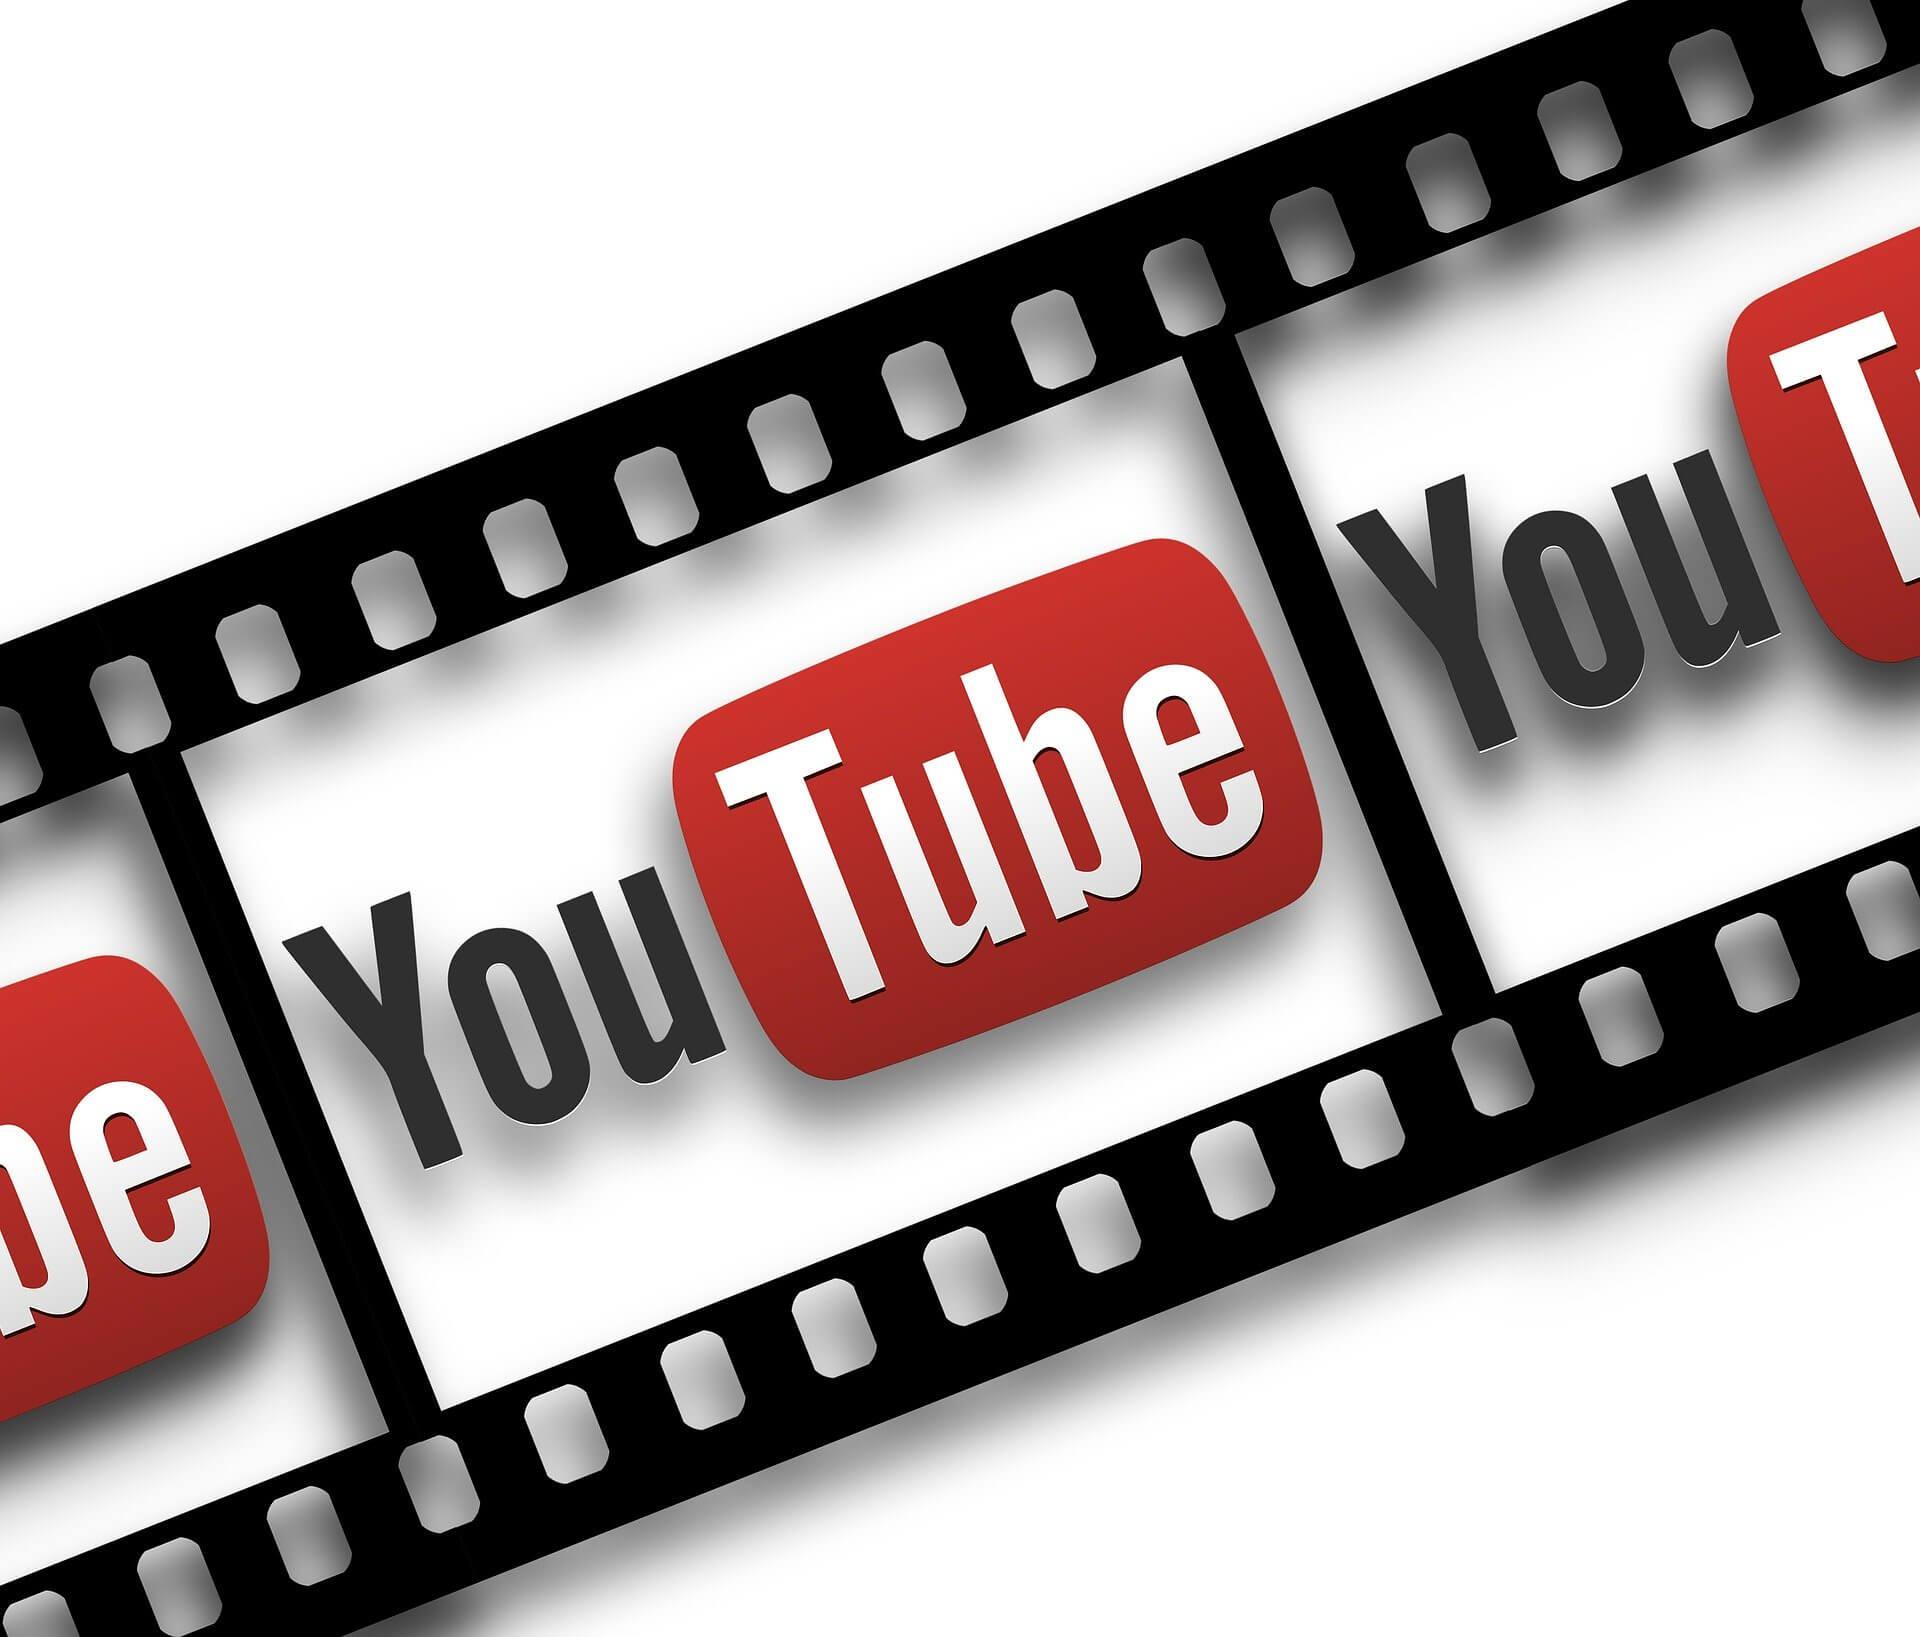 La puissance de YouTube aujourd'hui